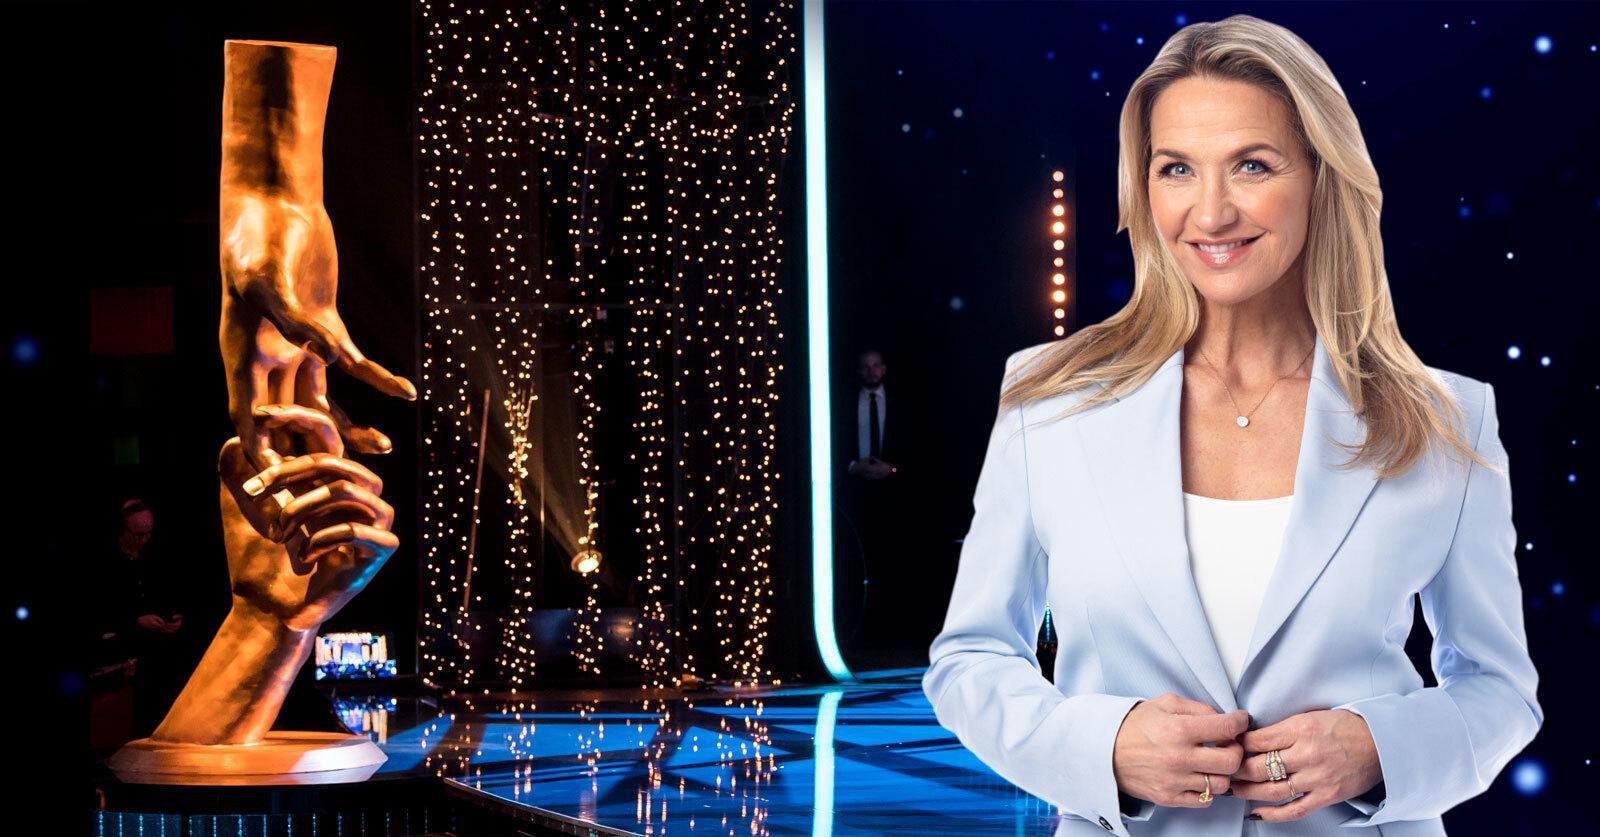 Årets programledare är Kristin Kaspersen.